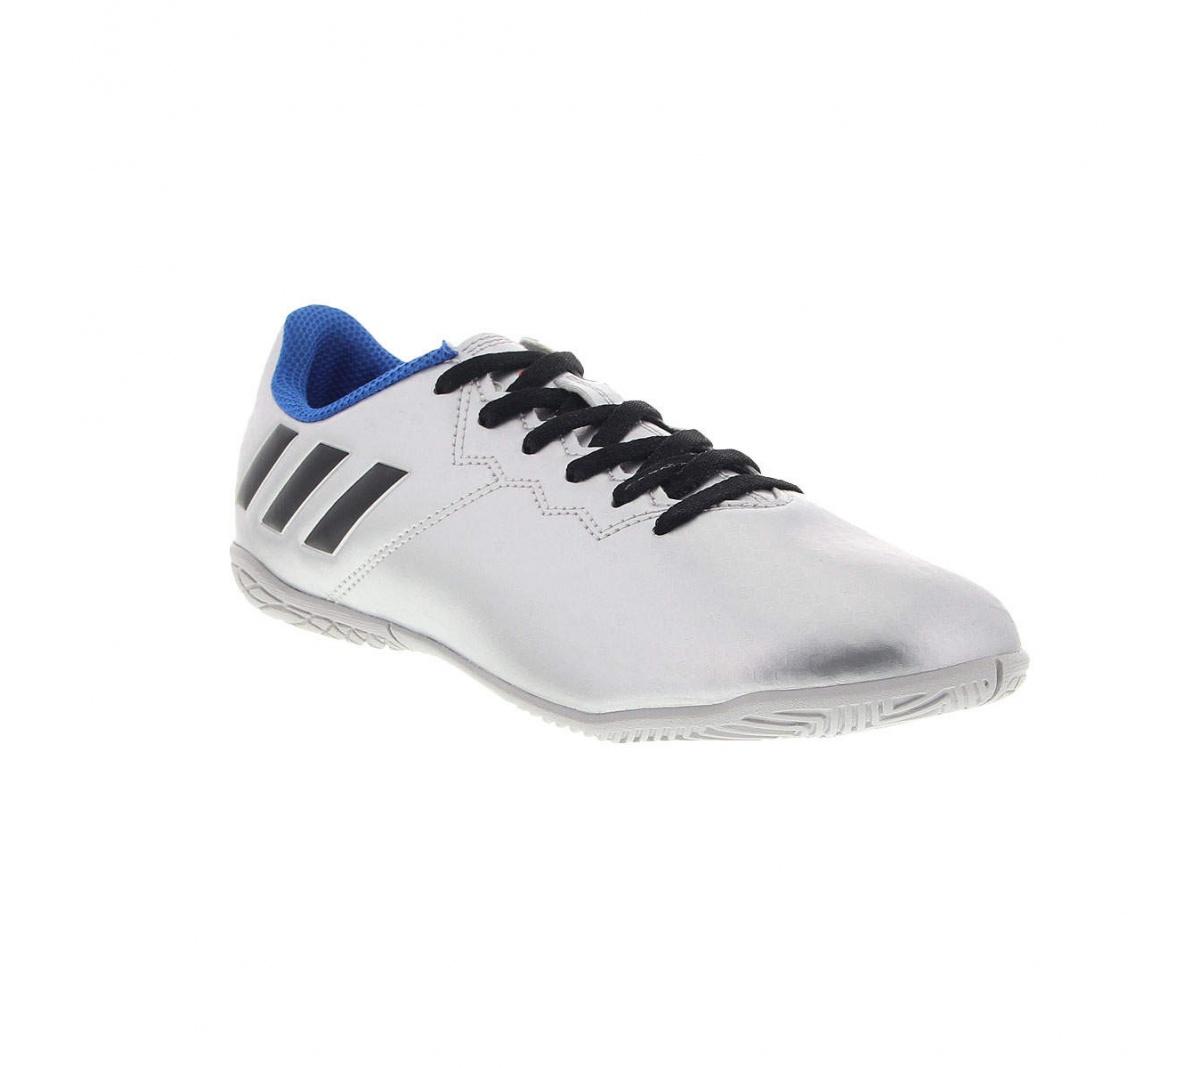 Tênis Adidas Messi 16.4 Futsal JR Tênis Adidas Messi 16.4 Futsal JR ... c5096d9d0eafc